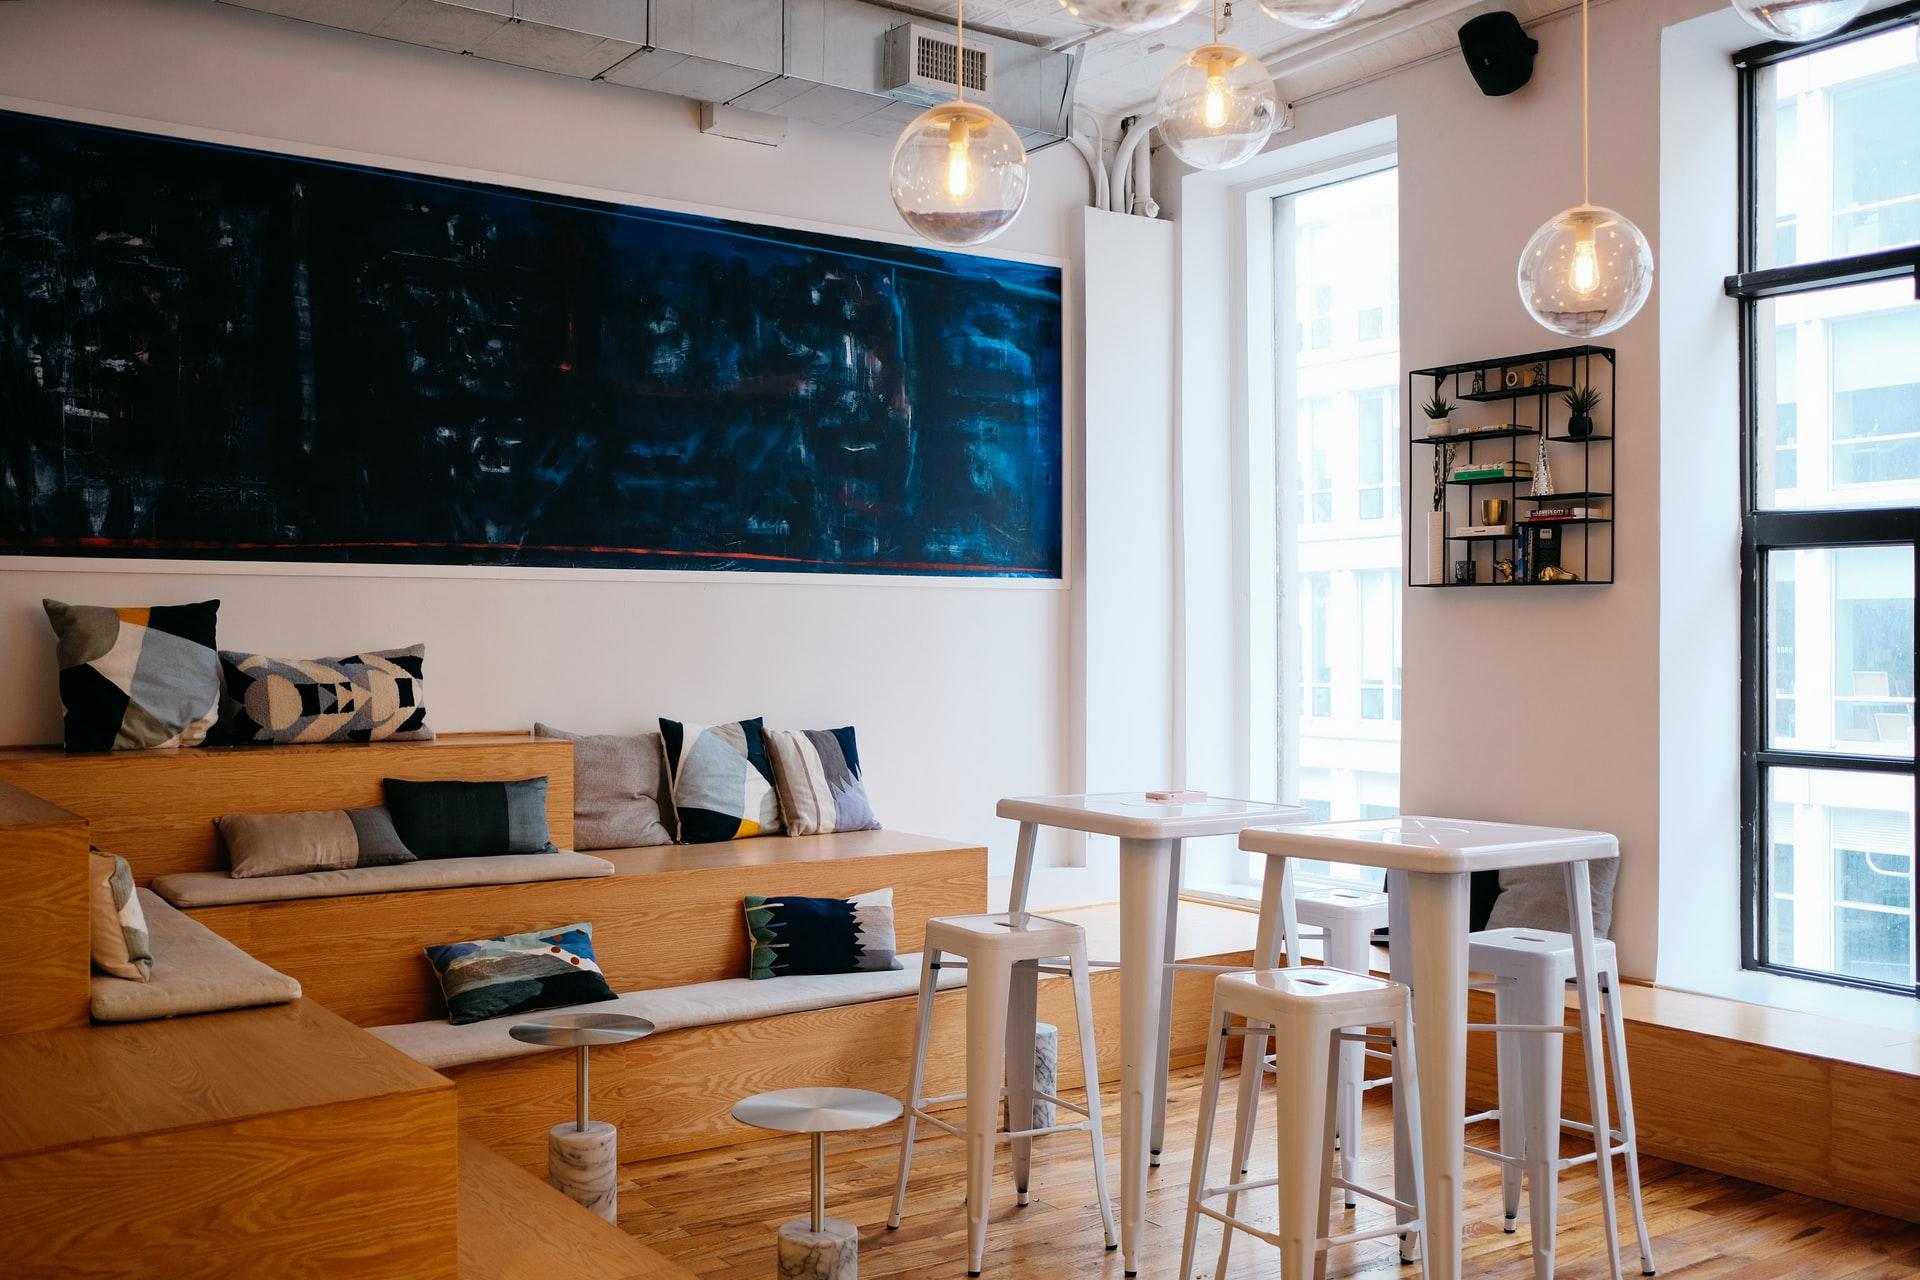 レンタルオフィス|横浜にある格安料金個室&法人登記可能なオフィス6選